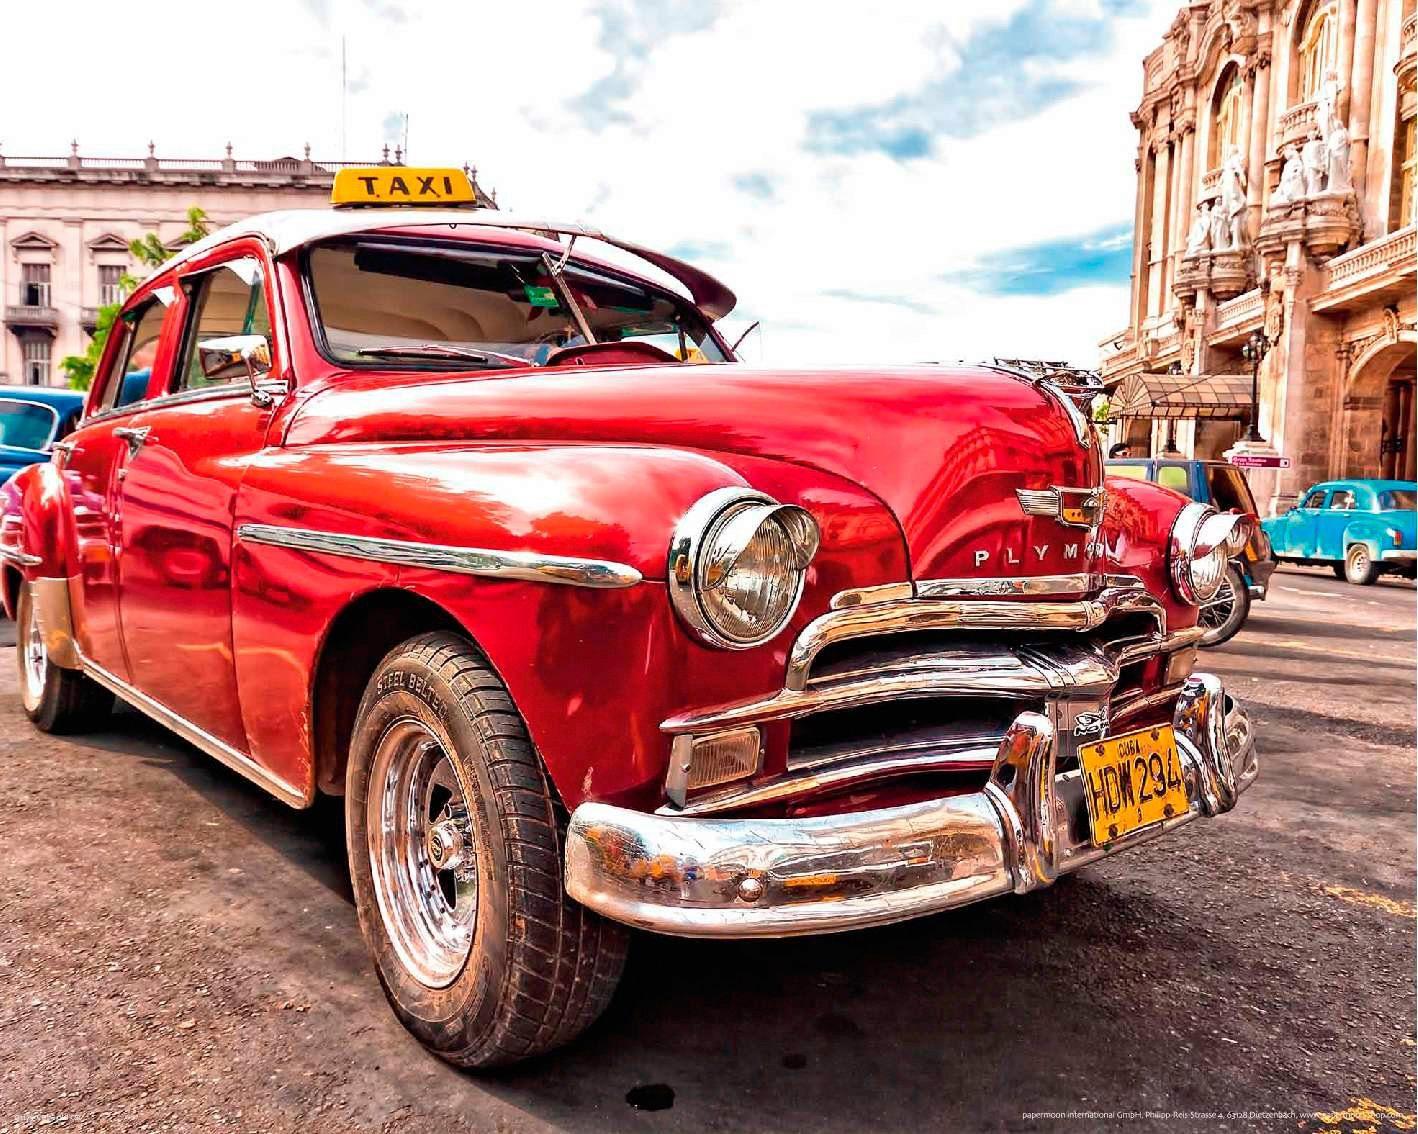 PAPERMOON Fototapete »Old Cuba Car«, Vlies, 7 Bahnen, 350 x 260 cm